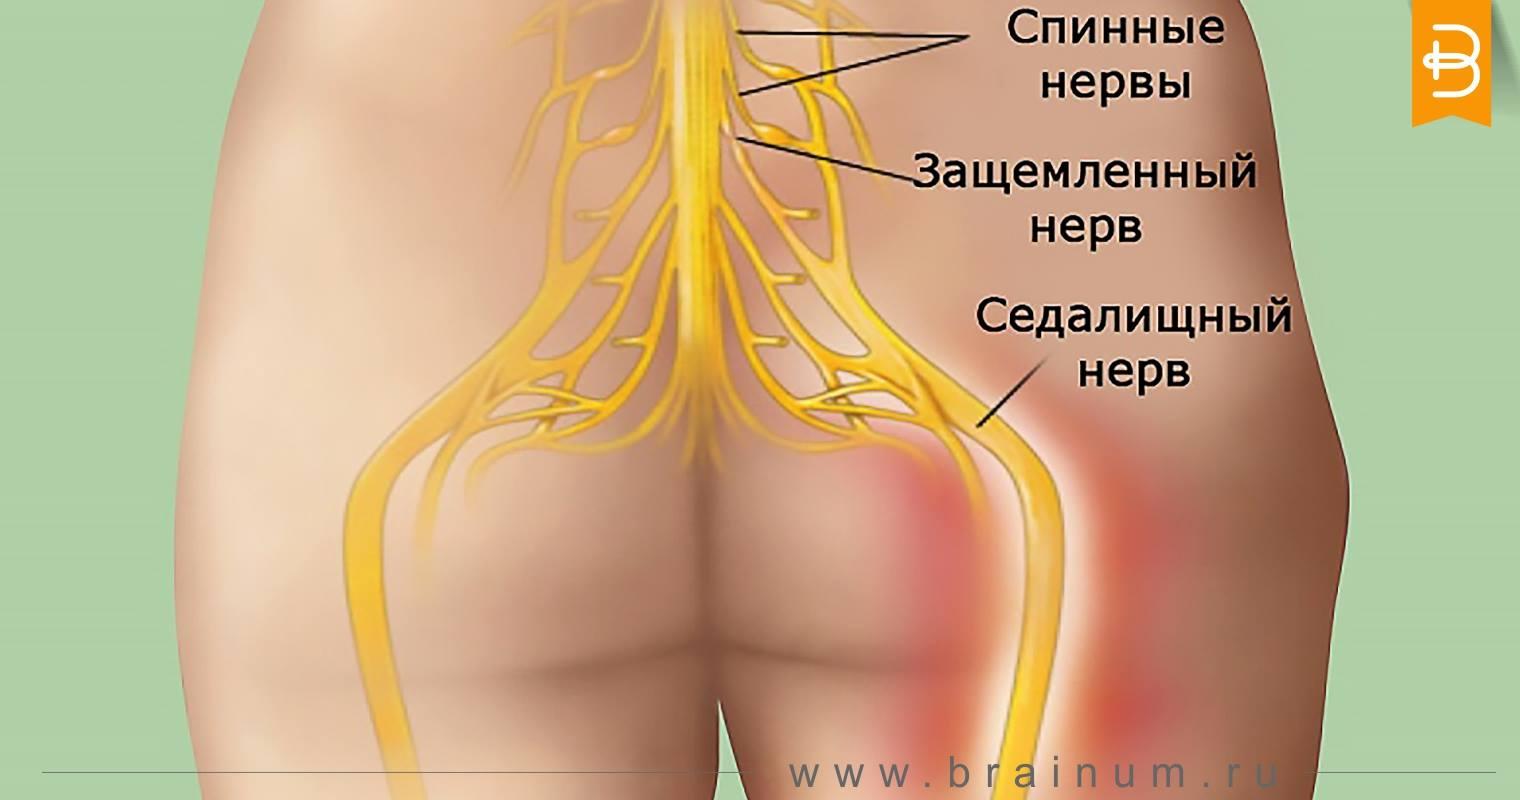 Защемление нерва в спине: лечение в домашних условиях 8